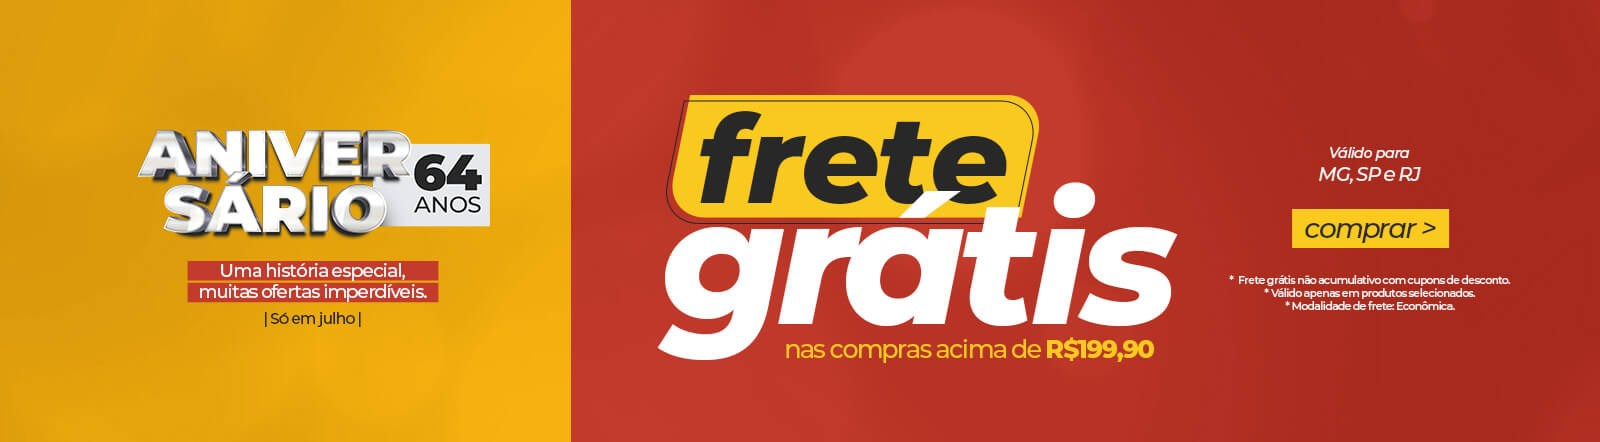 Banner Frete Grátis Junho Times